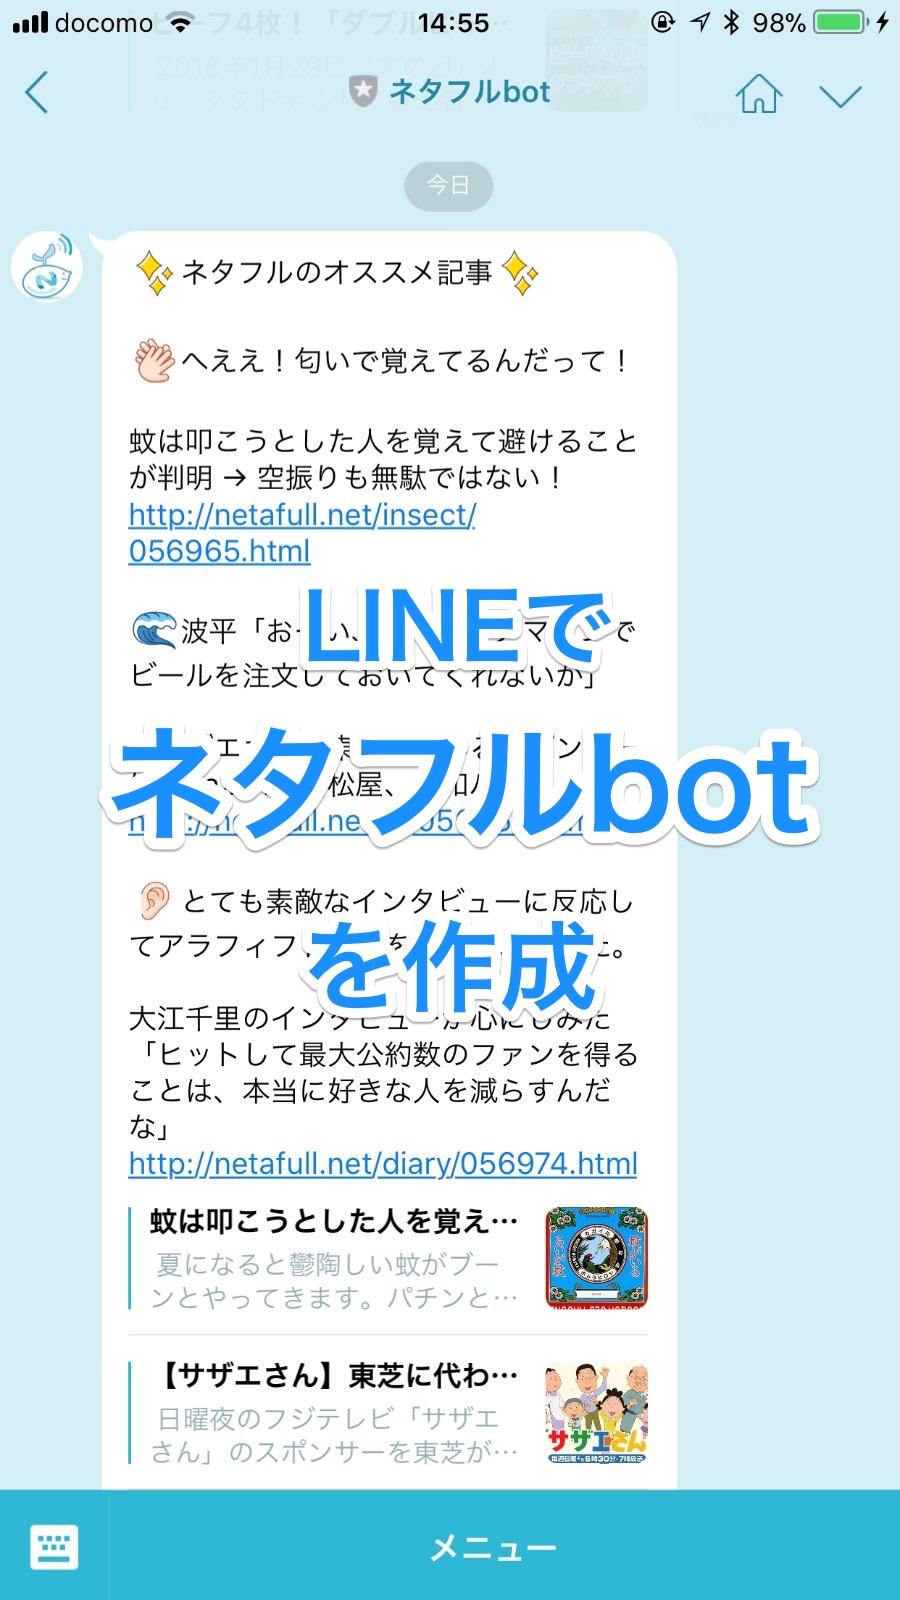 【LINE】エリアを送るとネタフルでレポしている飲食店情報を返信する「ネタフルbot」作ってみた